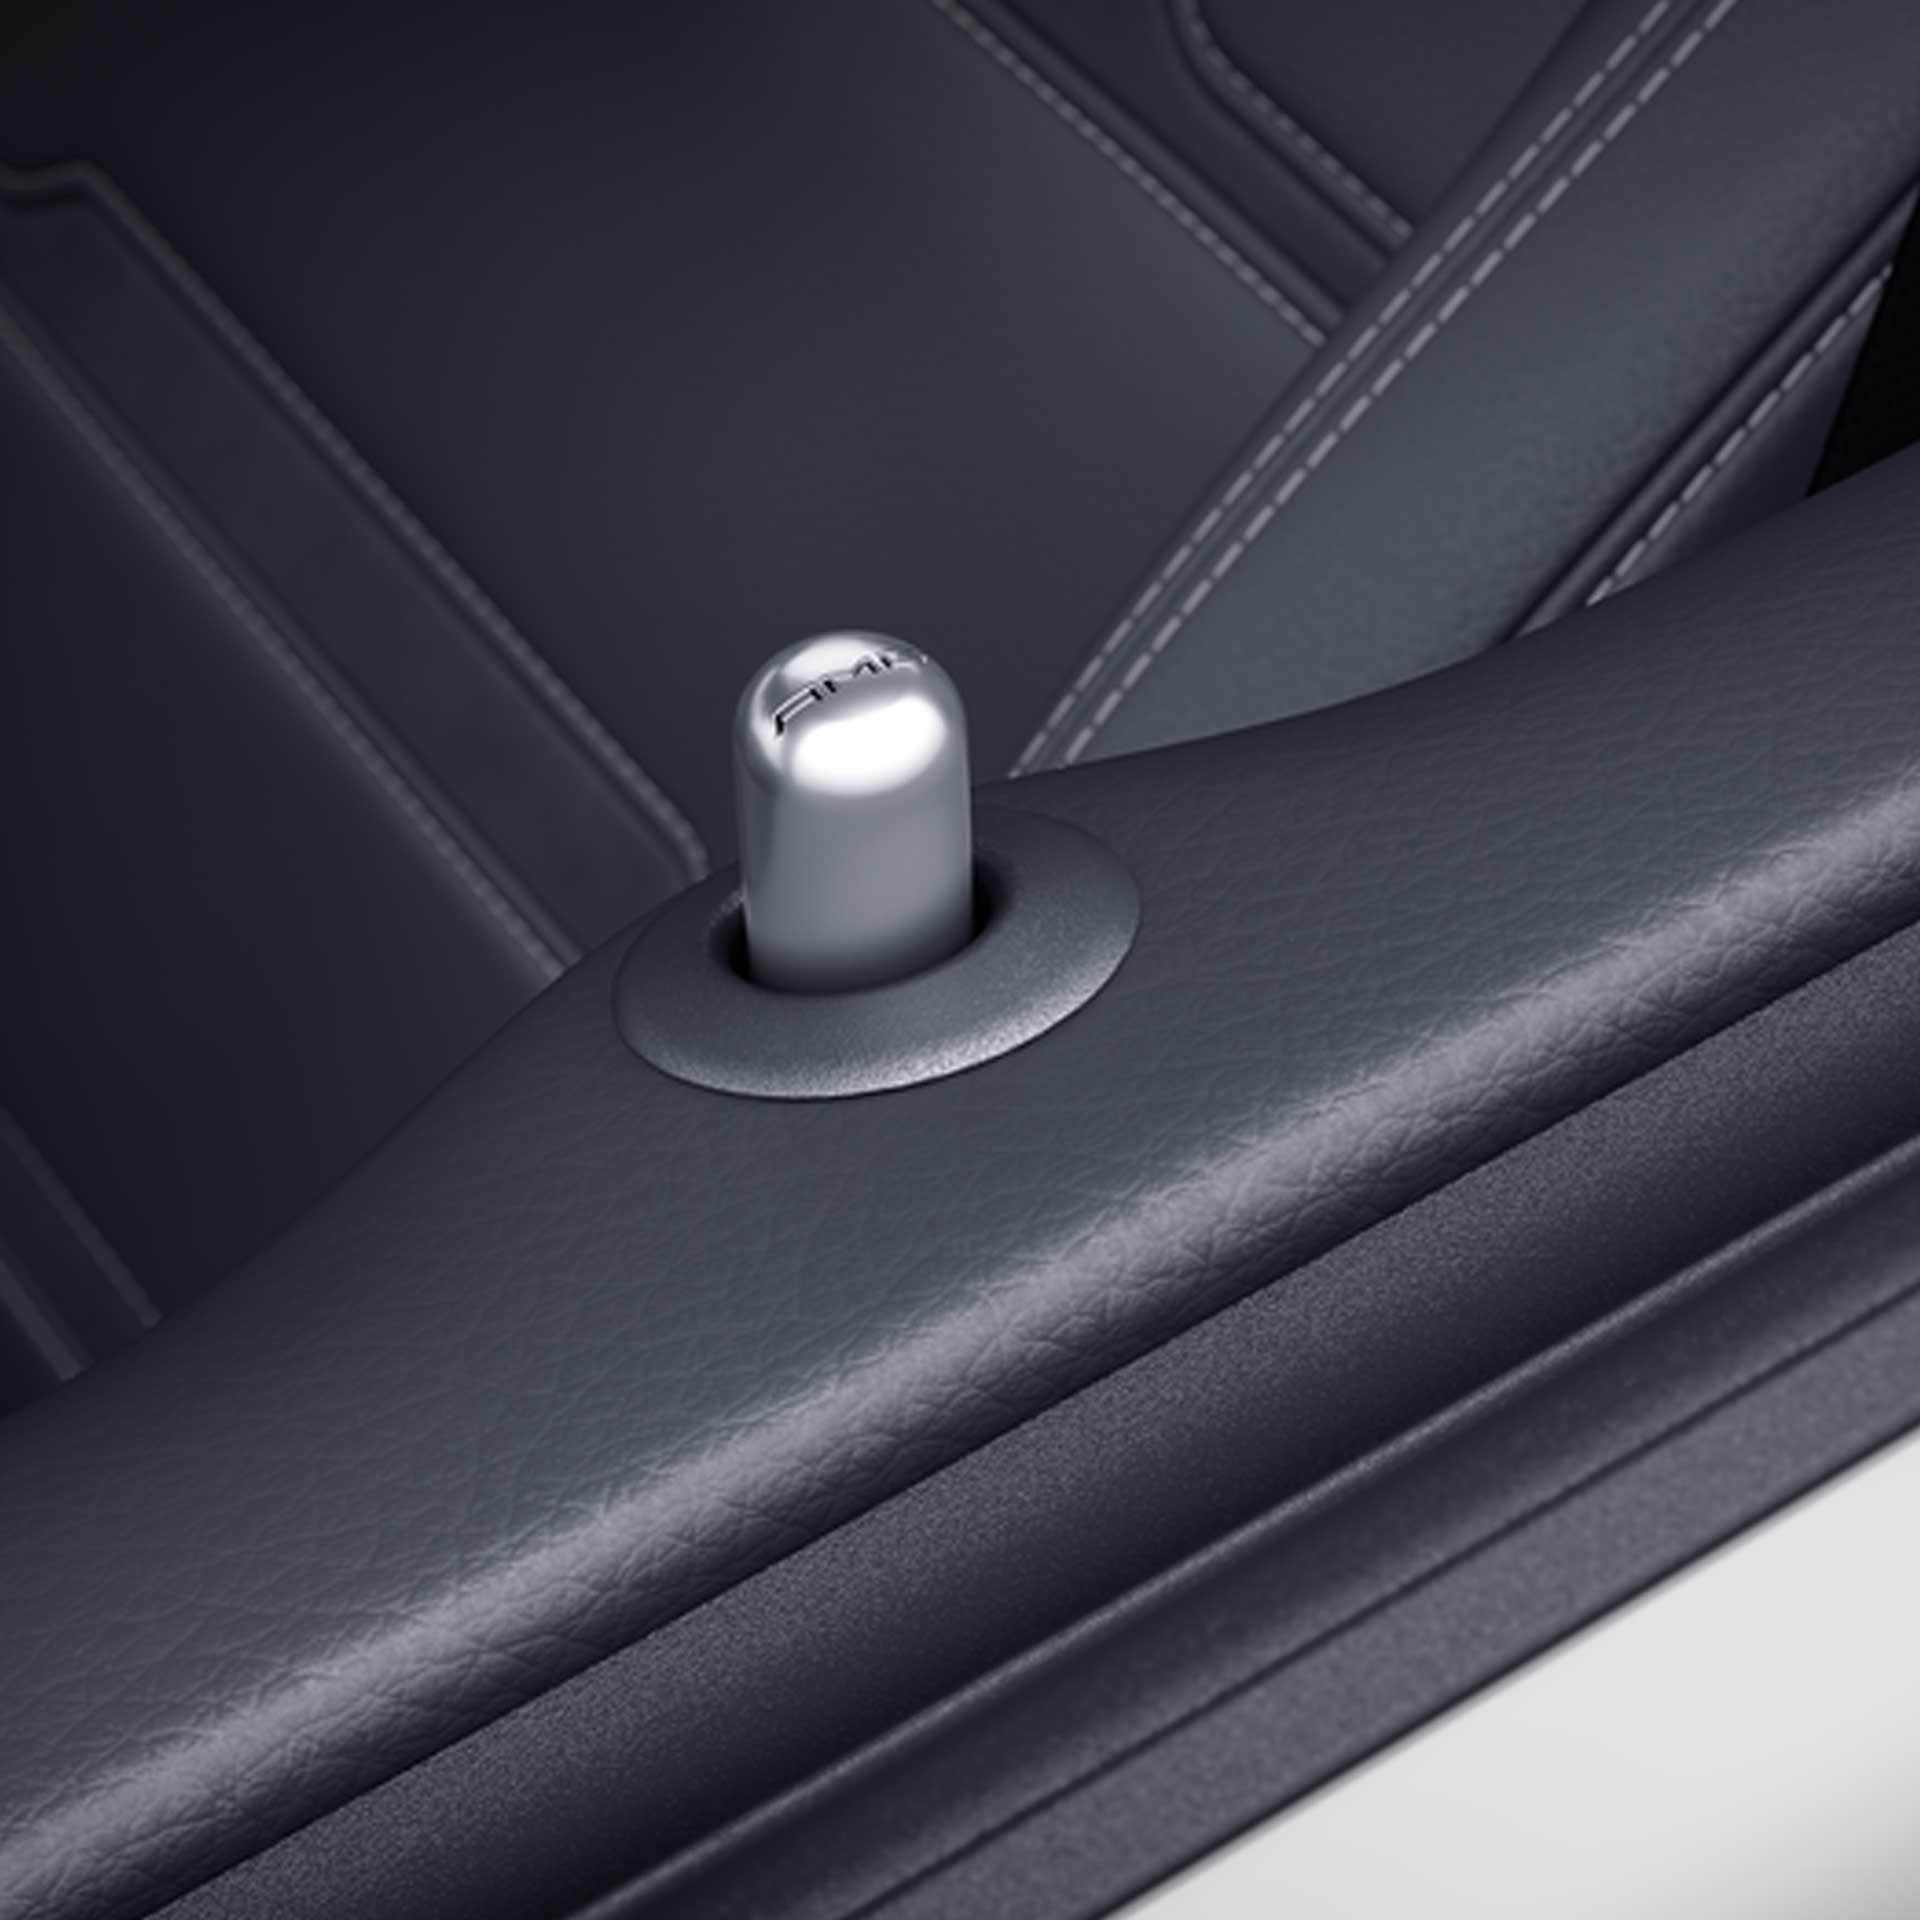 Mercedes-AMG Tür-Pin rund Edelstahl gebürstet